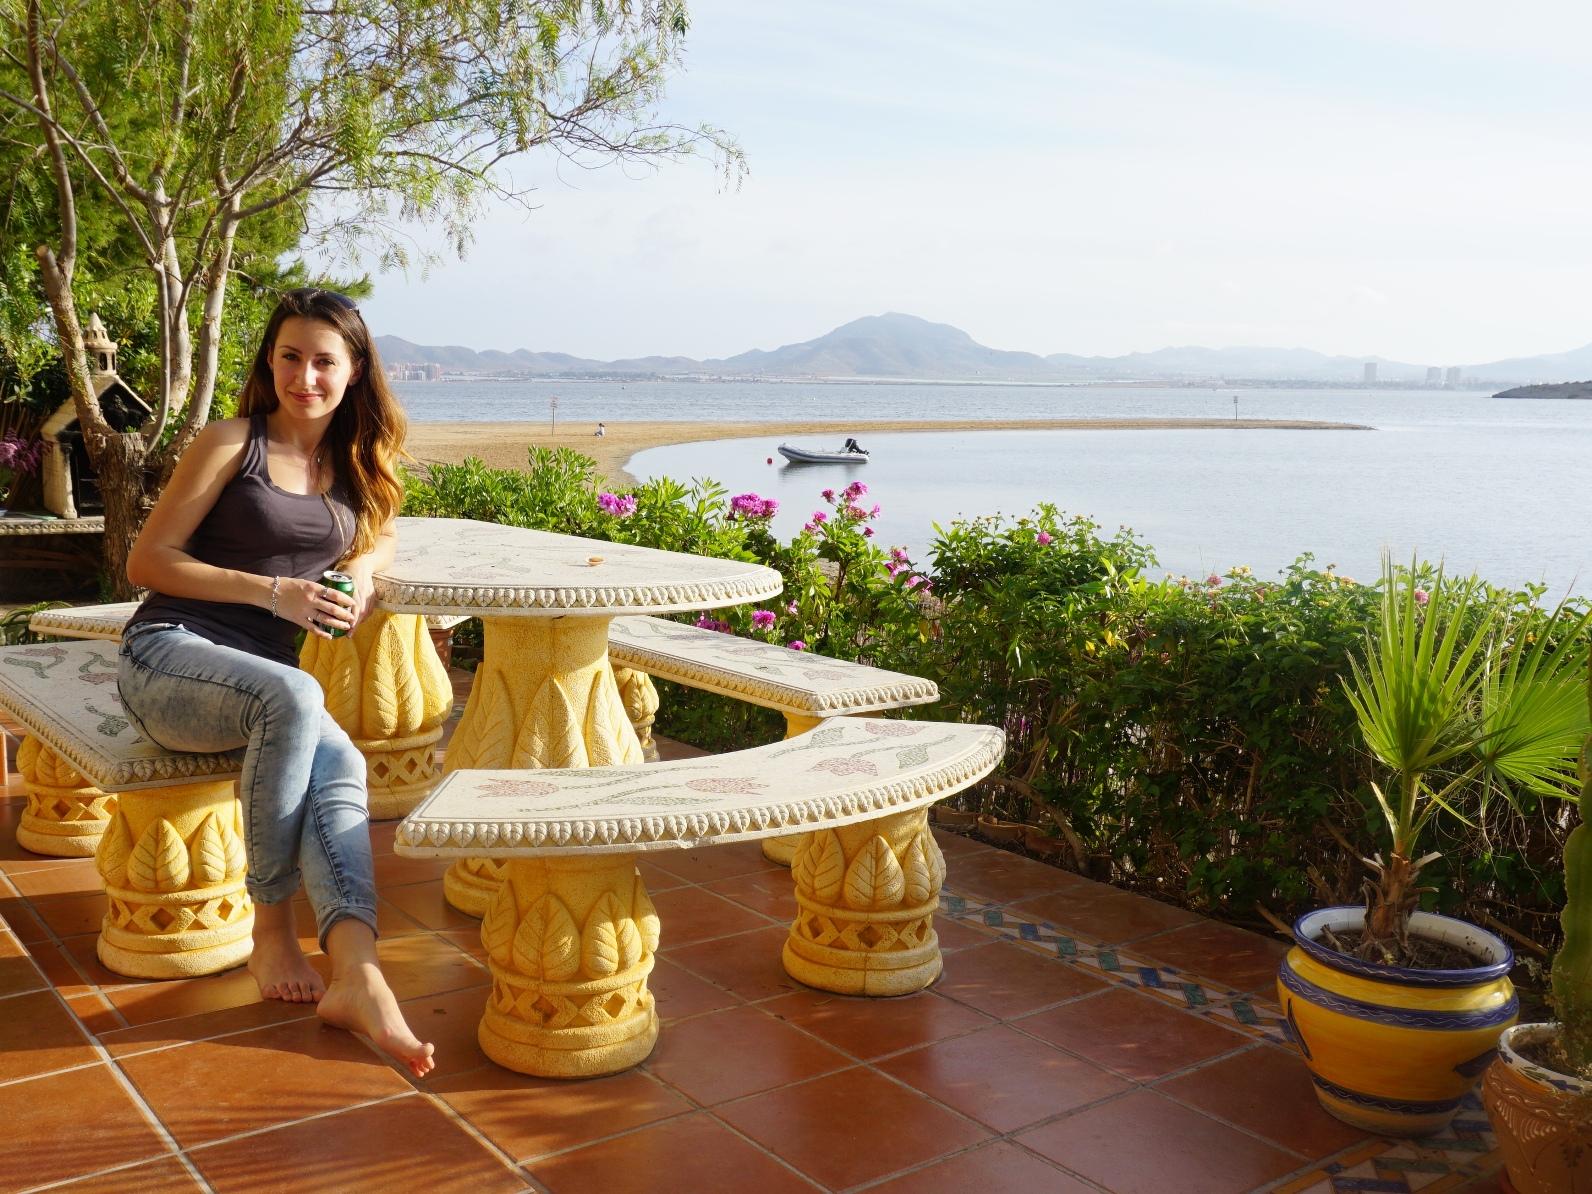 Pani Dorcia, panidorcia blog, blog o Islandii, blog o Hiszpanii, wakacje w Hiszpanii, urlop w Hiszpanii, La Manga, morze